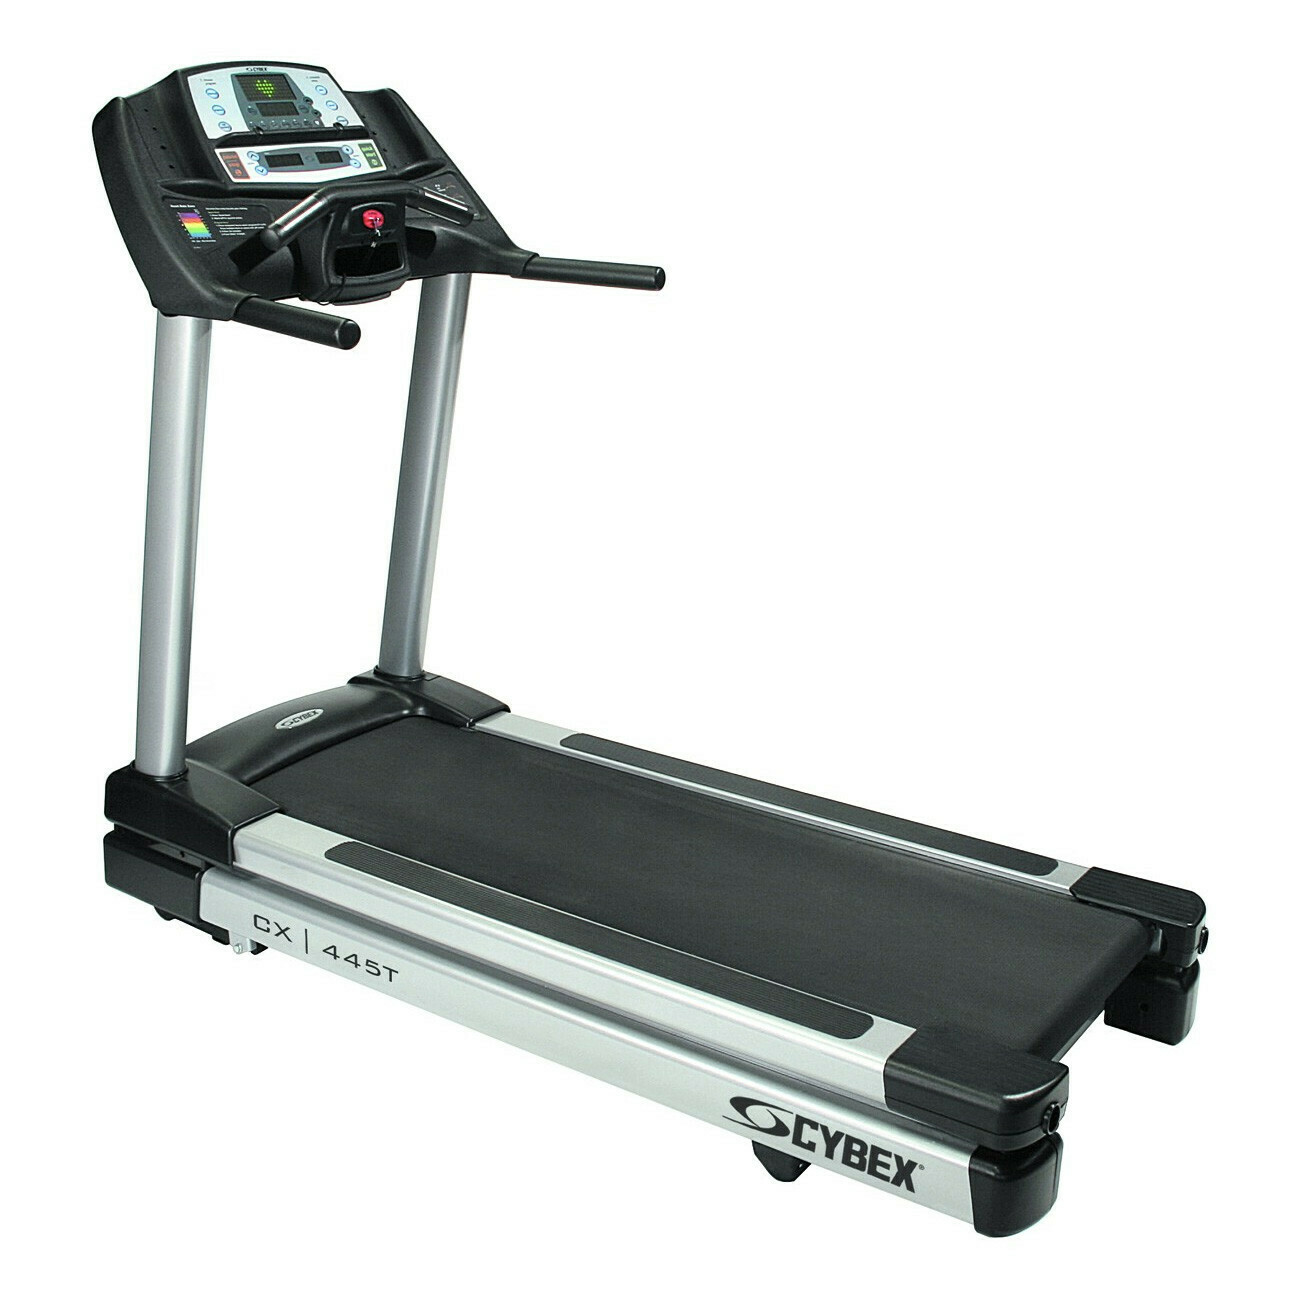 Cybex CX-445T Treadmill